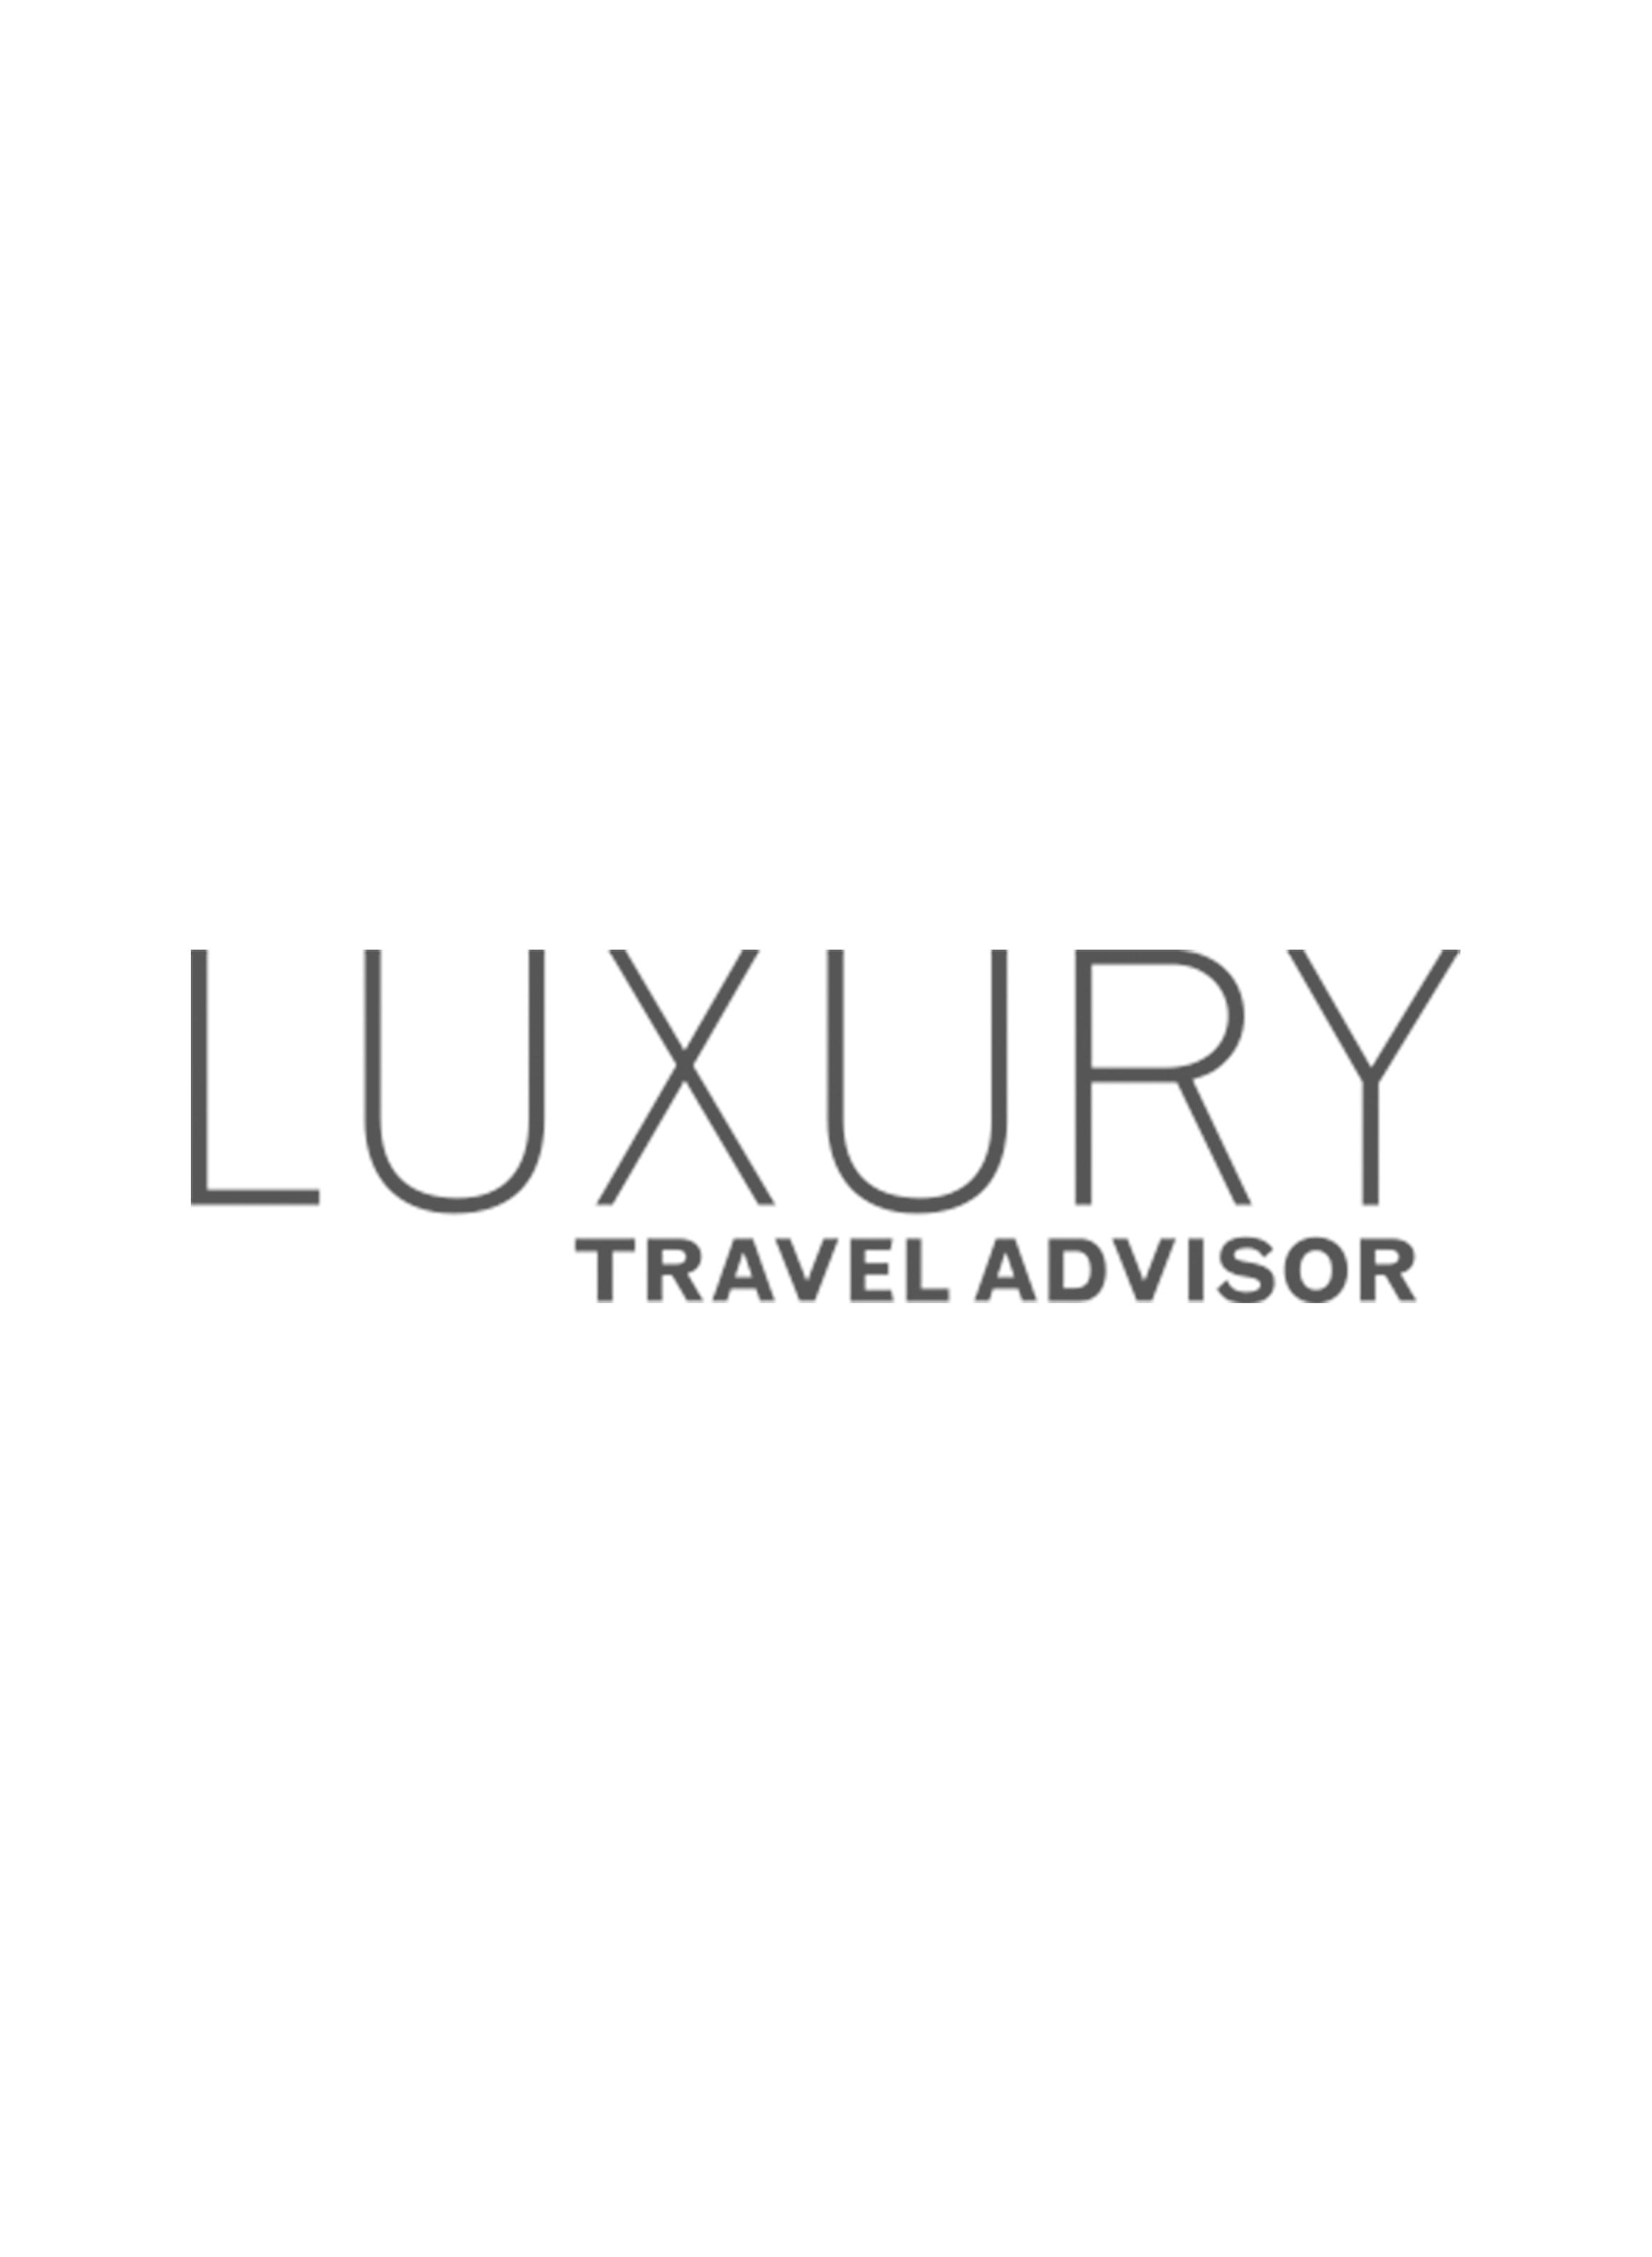 luxury-travel-advisor.jpg